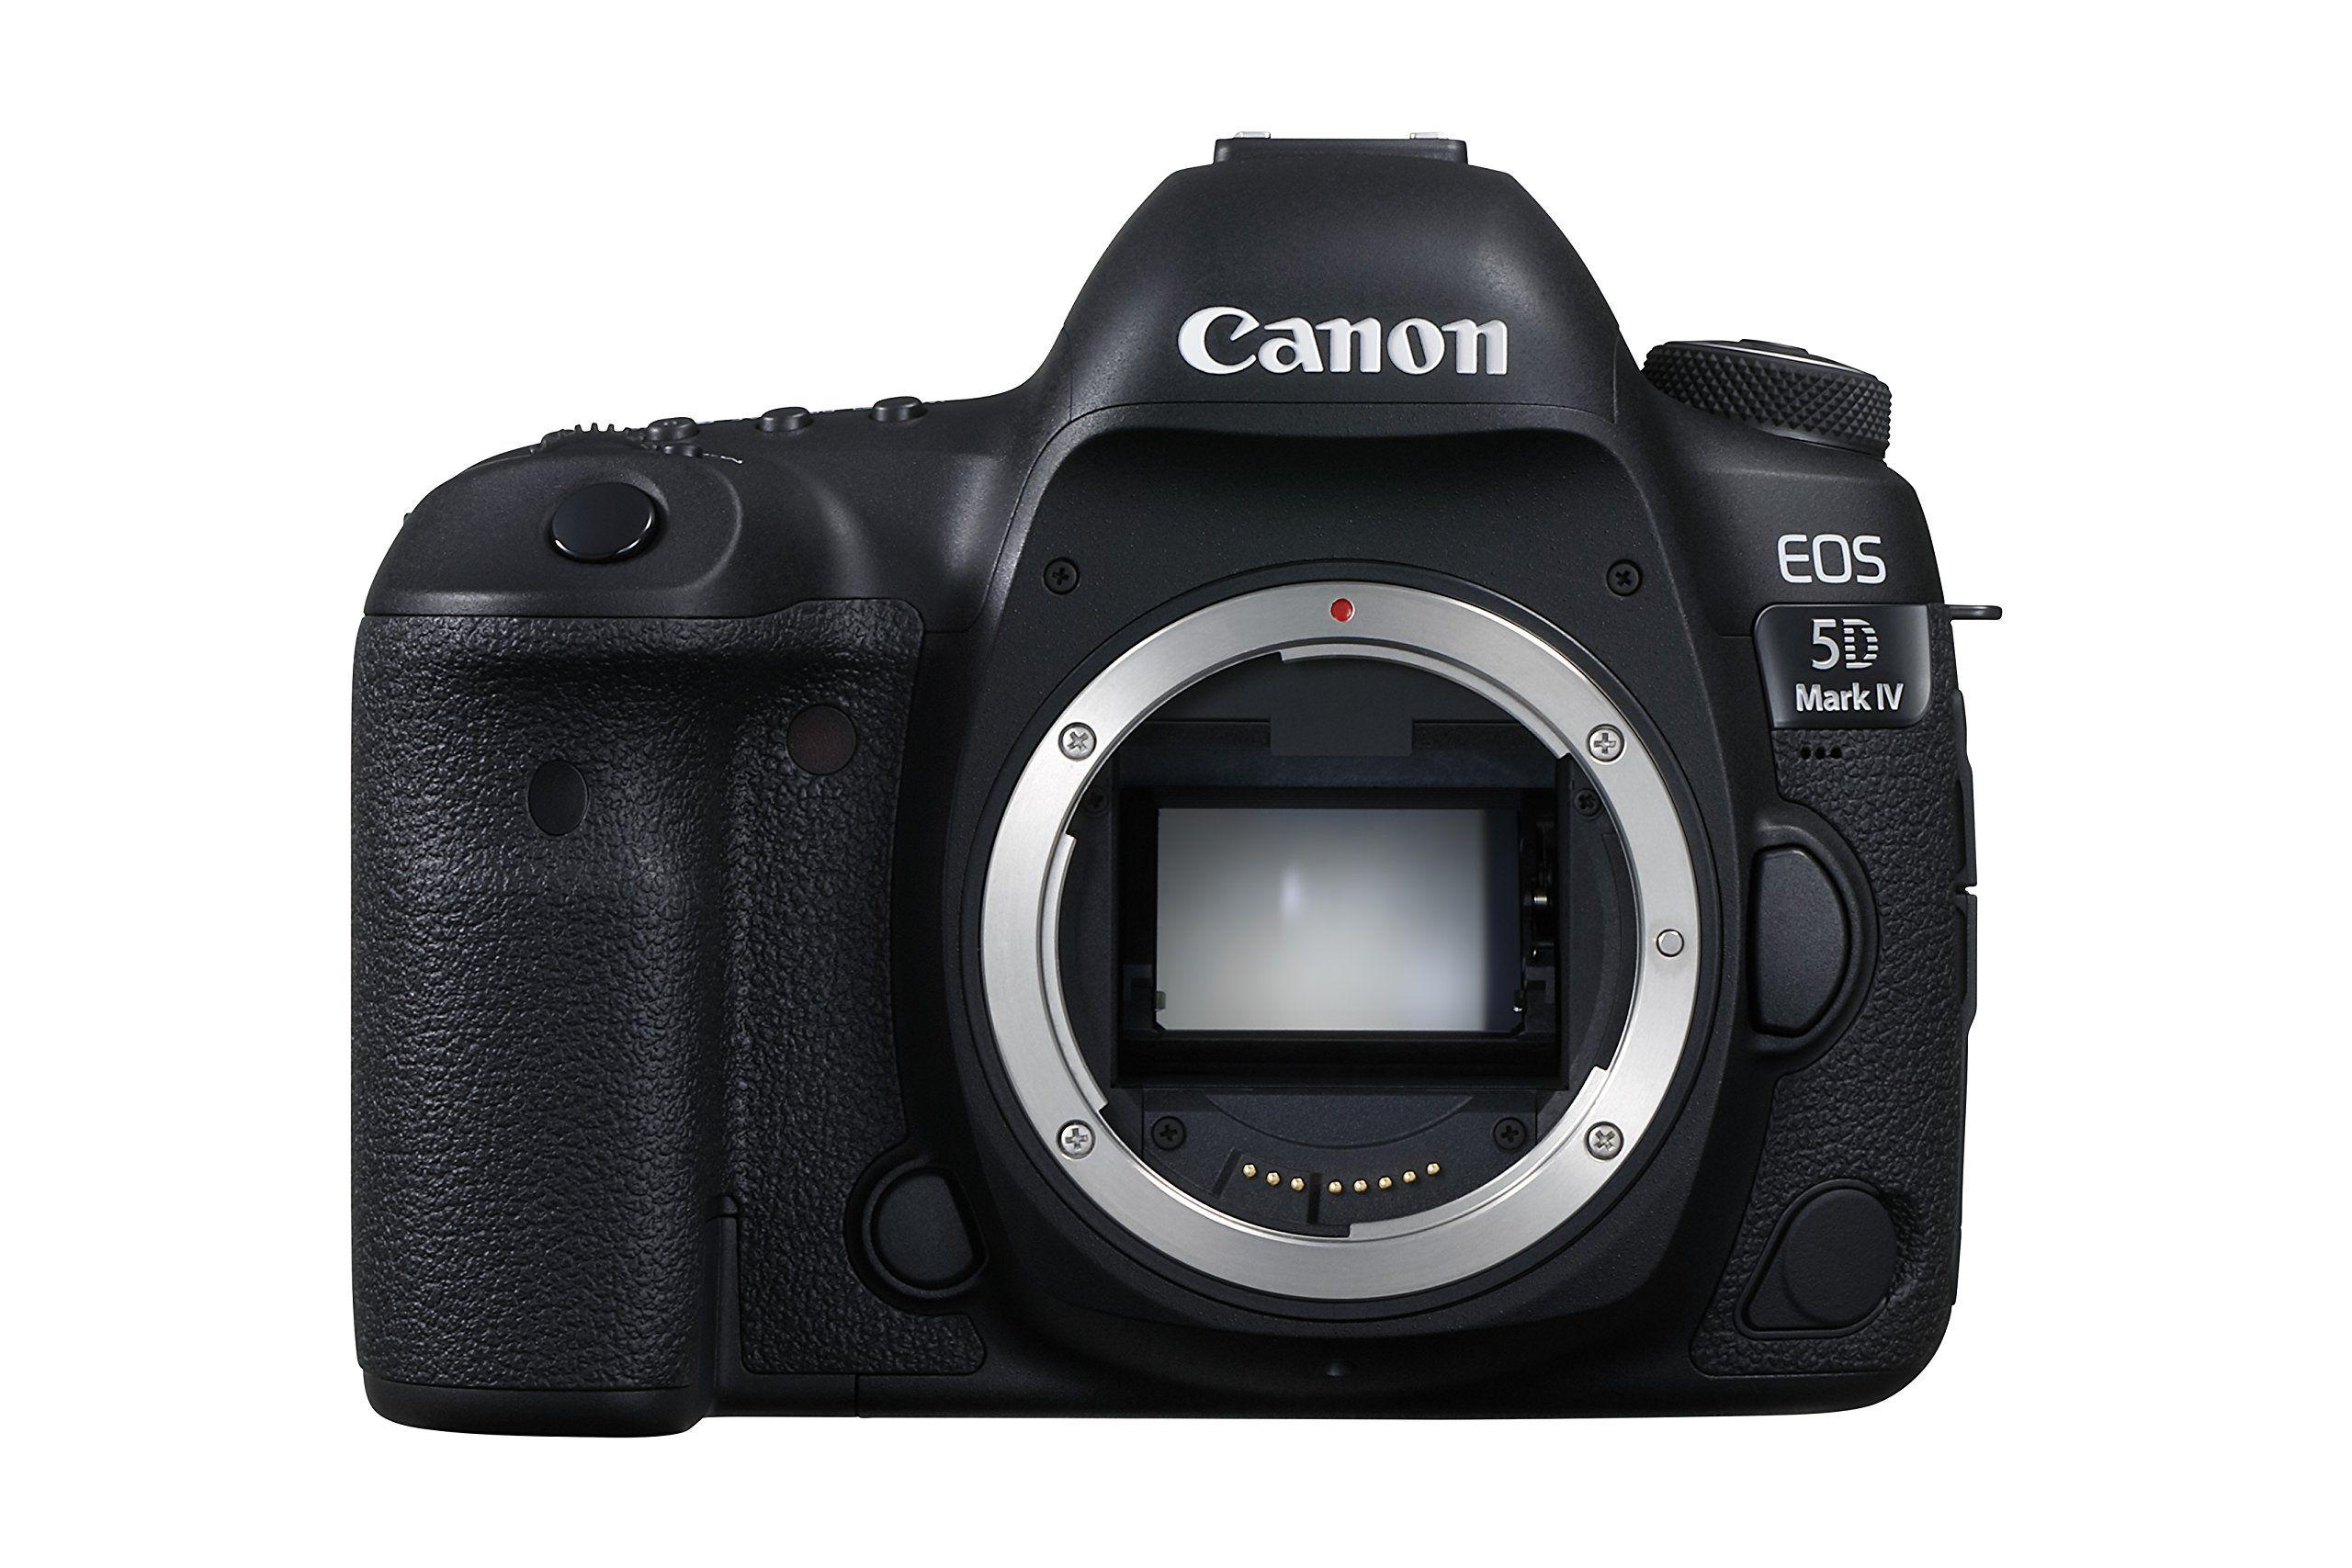 Canon EOS 5D Mark IV Full Frame Digital SLR Camera Body   Digital ...